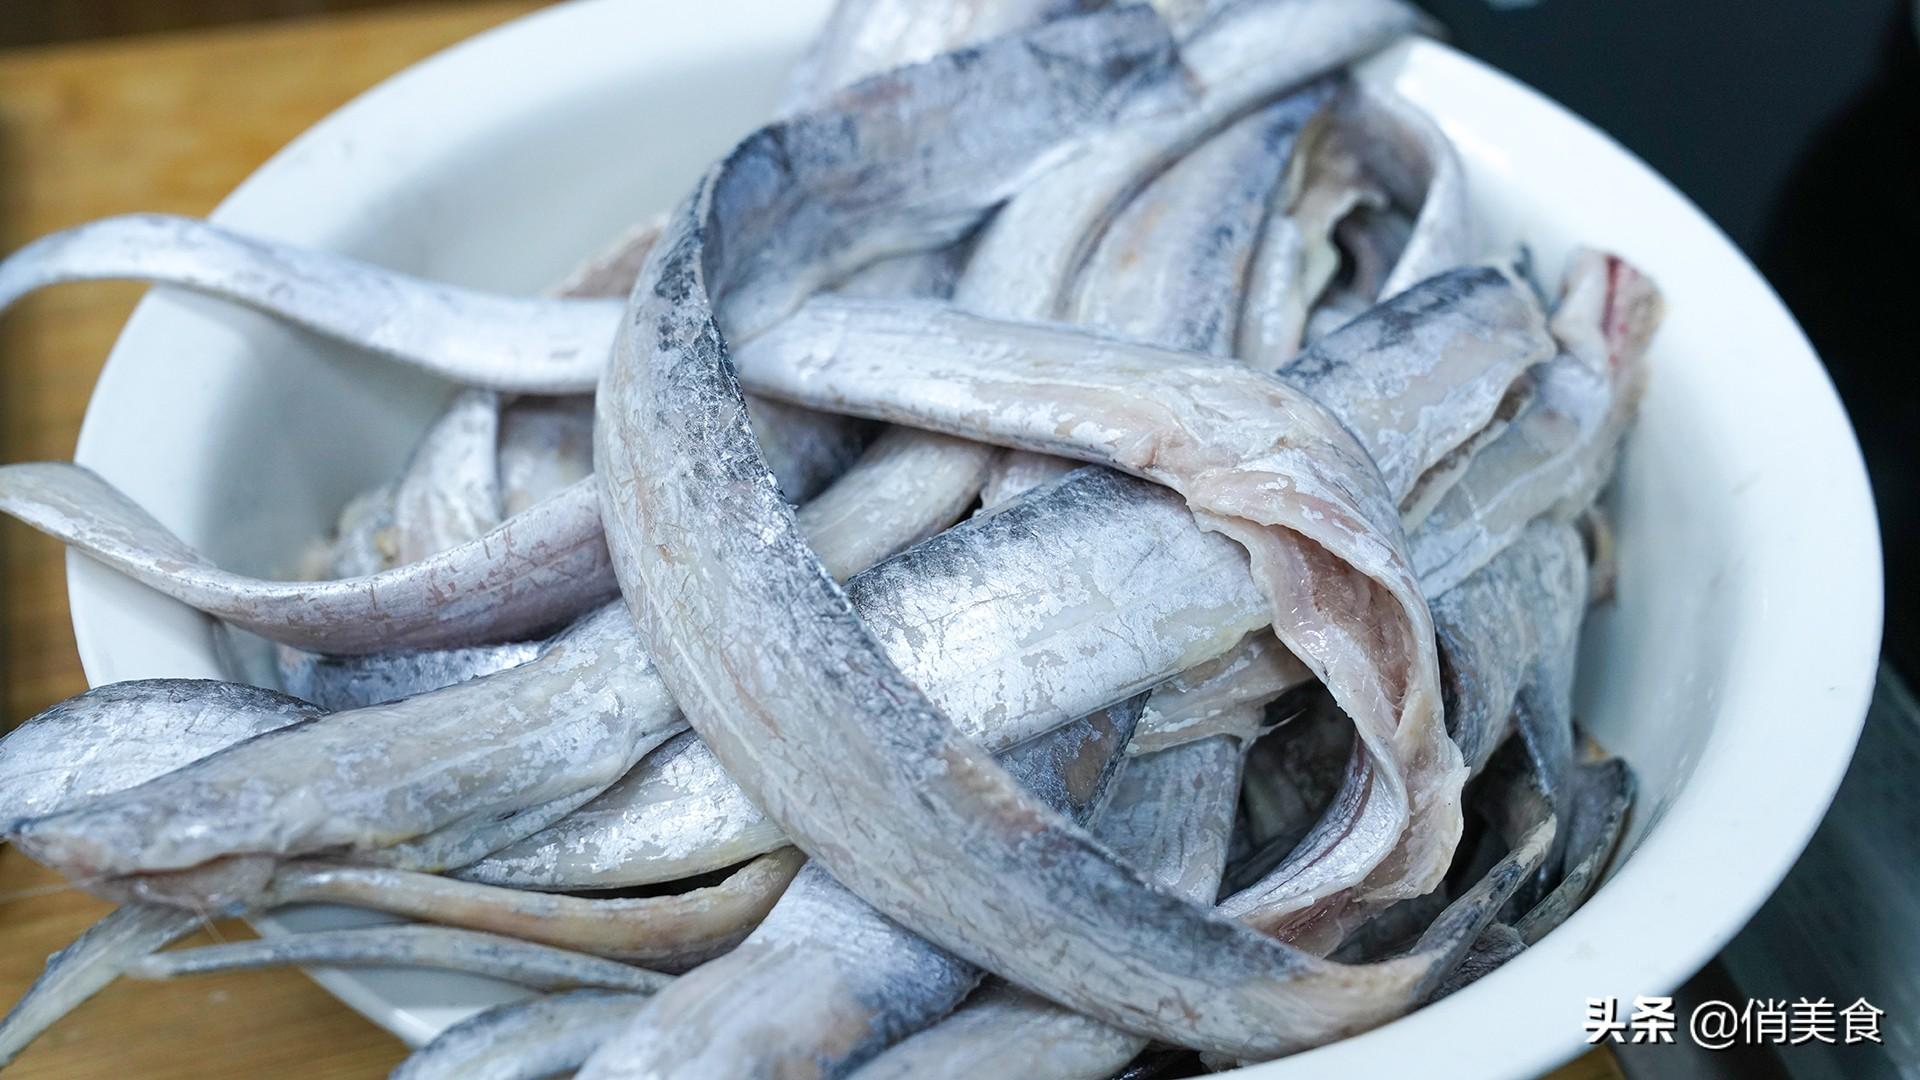 炸带鱼,到底是裹面粉还是淀粉?教你正确做法,外酥里嫩无腥味 美食做法 第4张